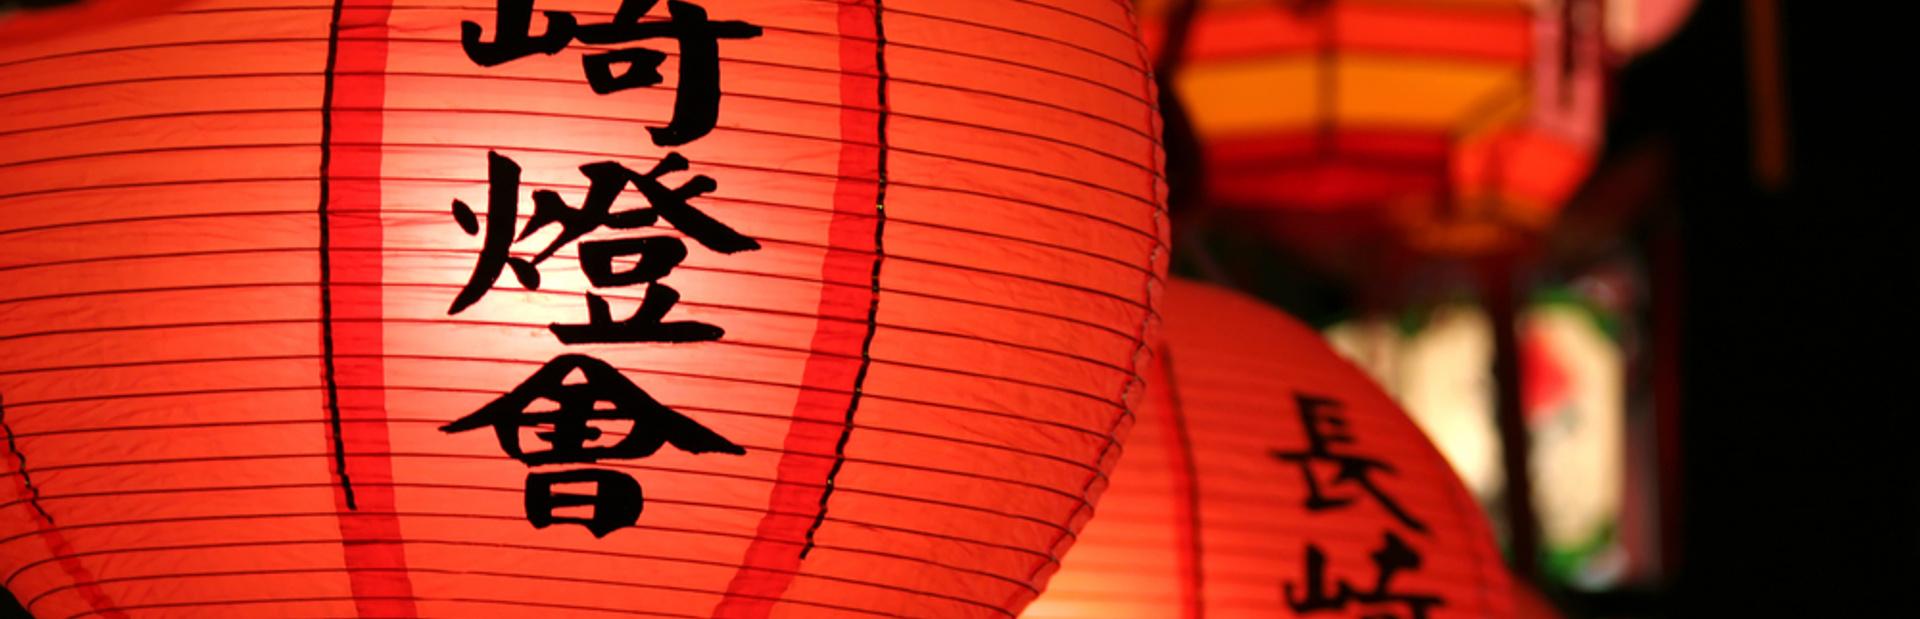 Asia news photo